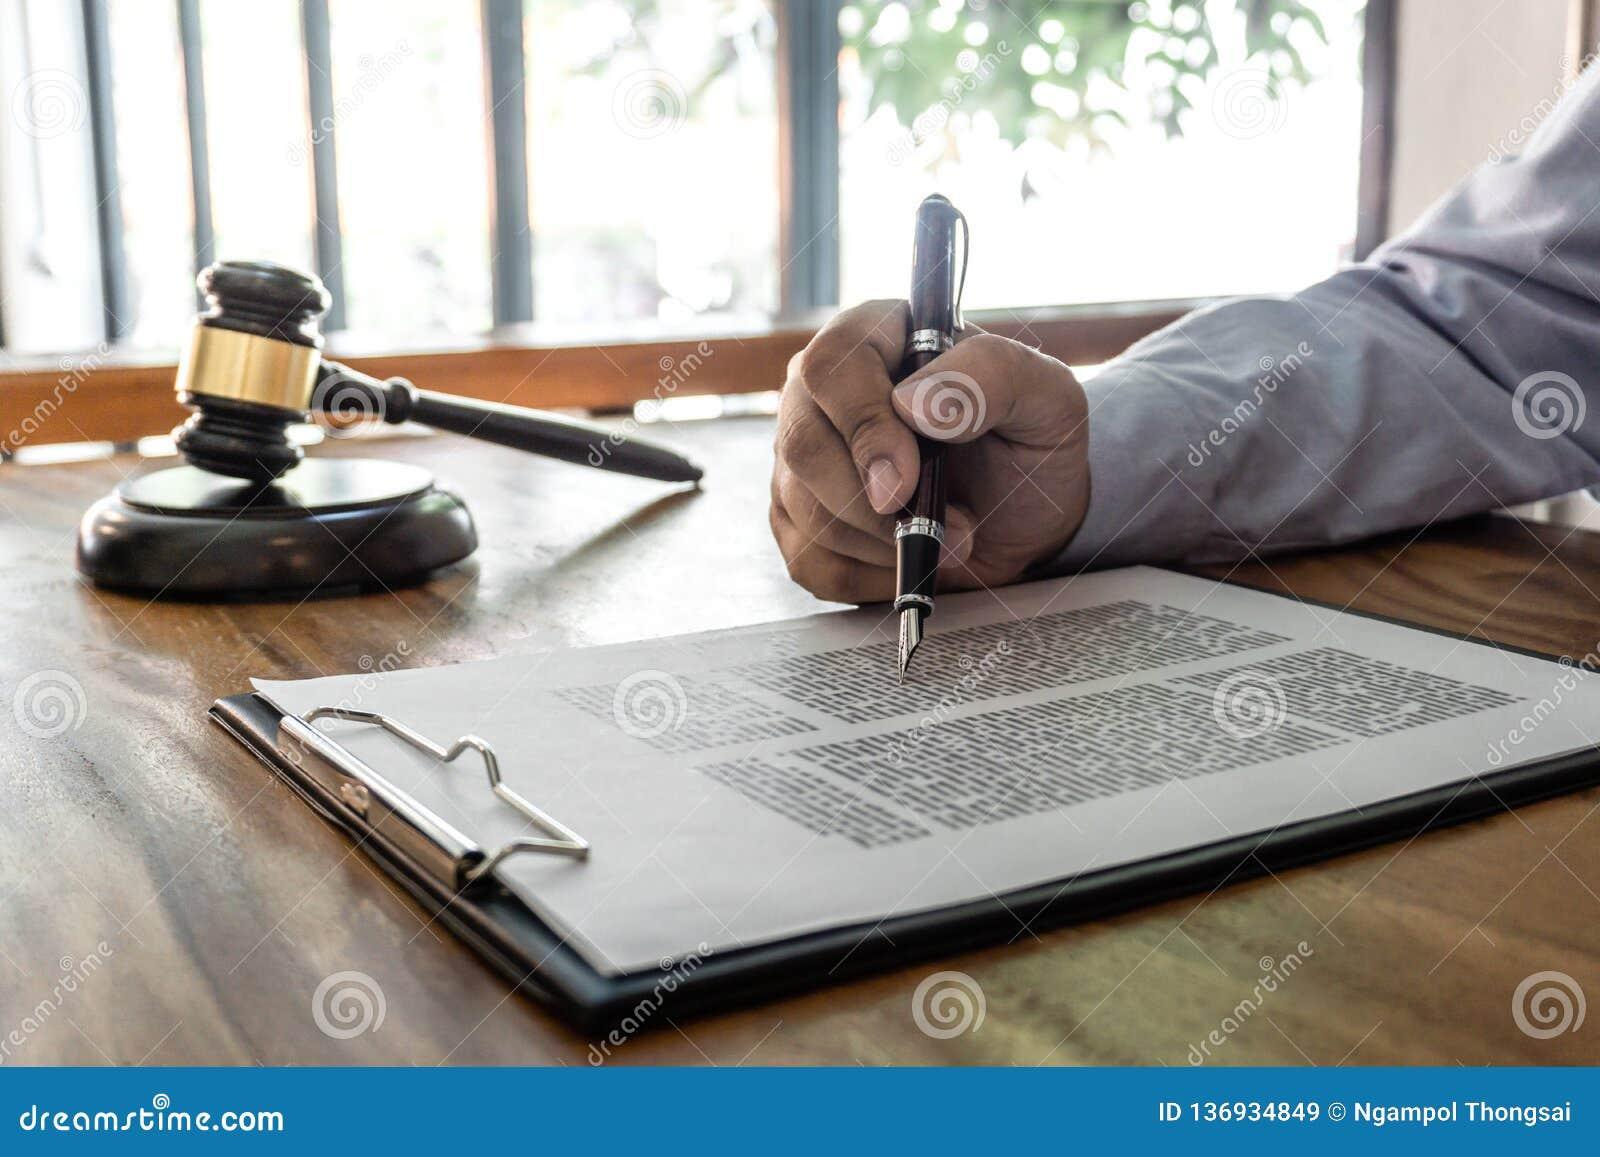 Drewniany młoteczek na stole, pojęcie, prawa, prawnika adwokata i sprawiedliwości, męski prawnik pracuje na dokumenty i raport zn